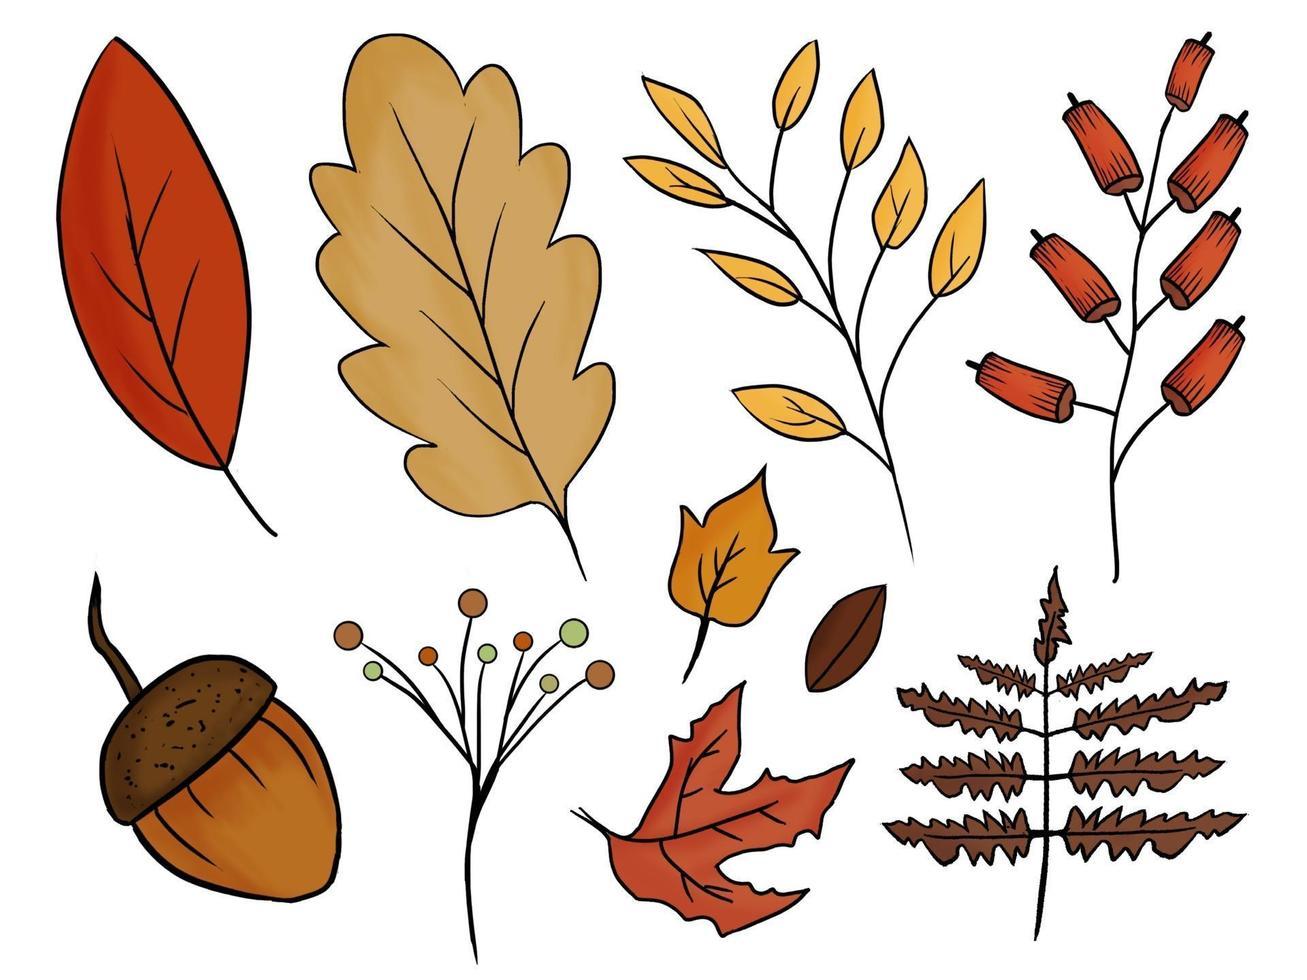 coleção colorida desenhada à mão de folhas de outono vetor